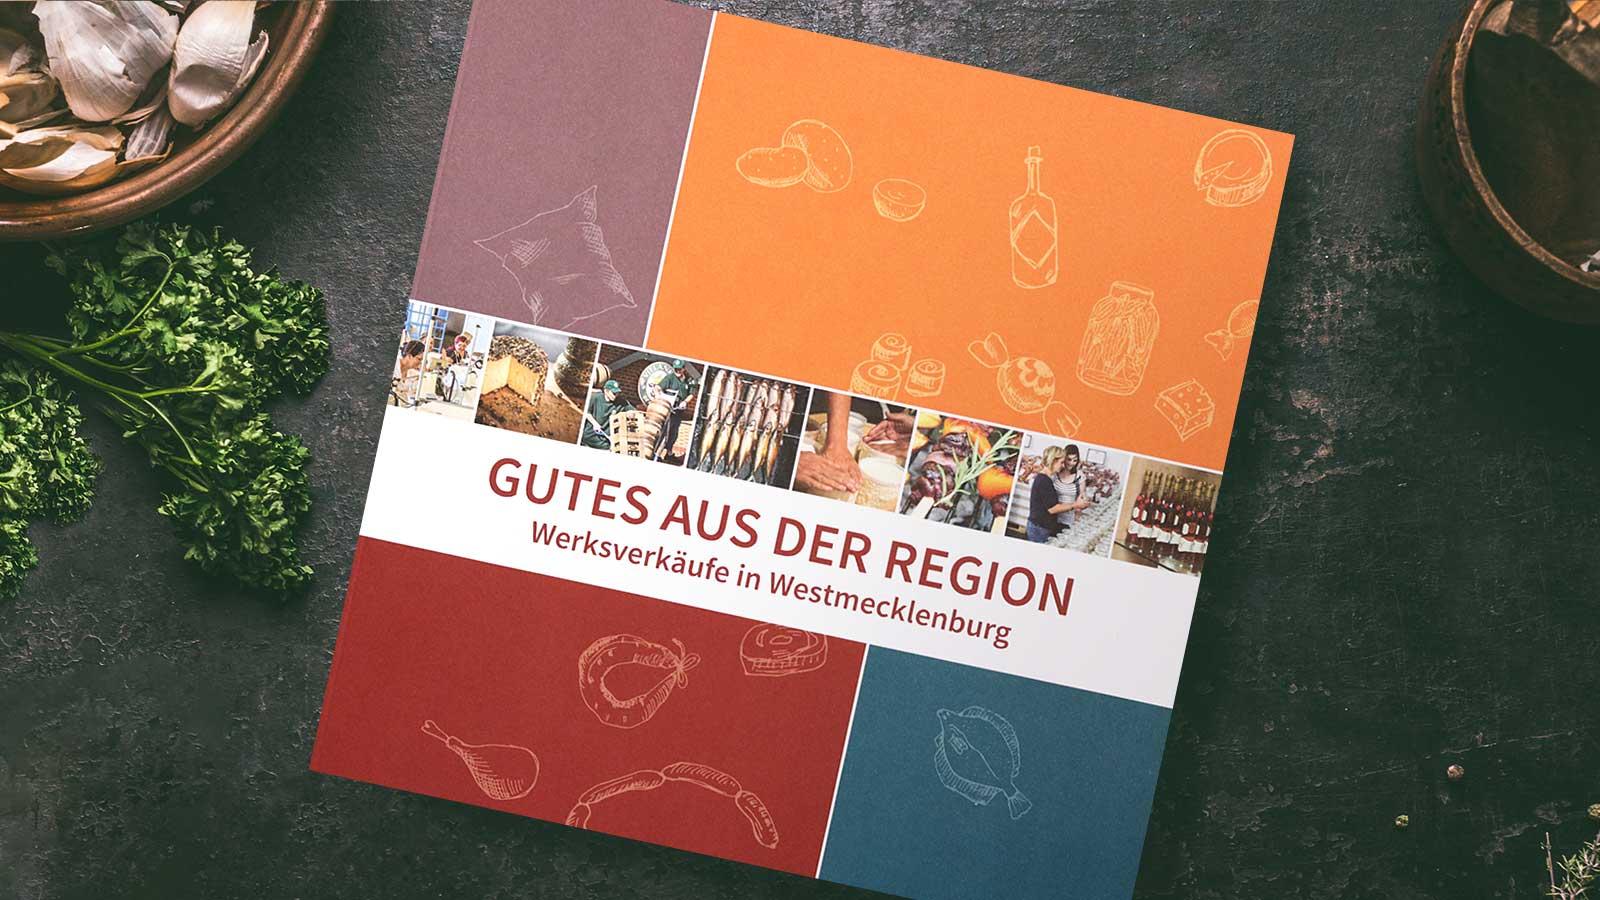 Werksverkauf-Broschüre – Auf Entdeckungstour in Westmecklenburg.